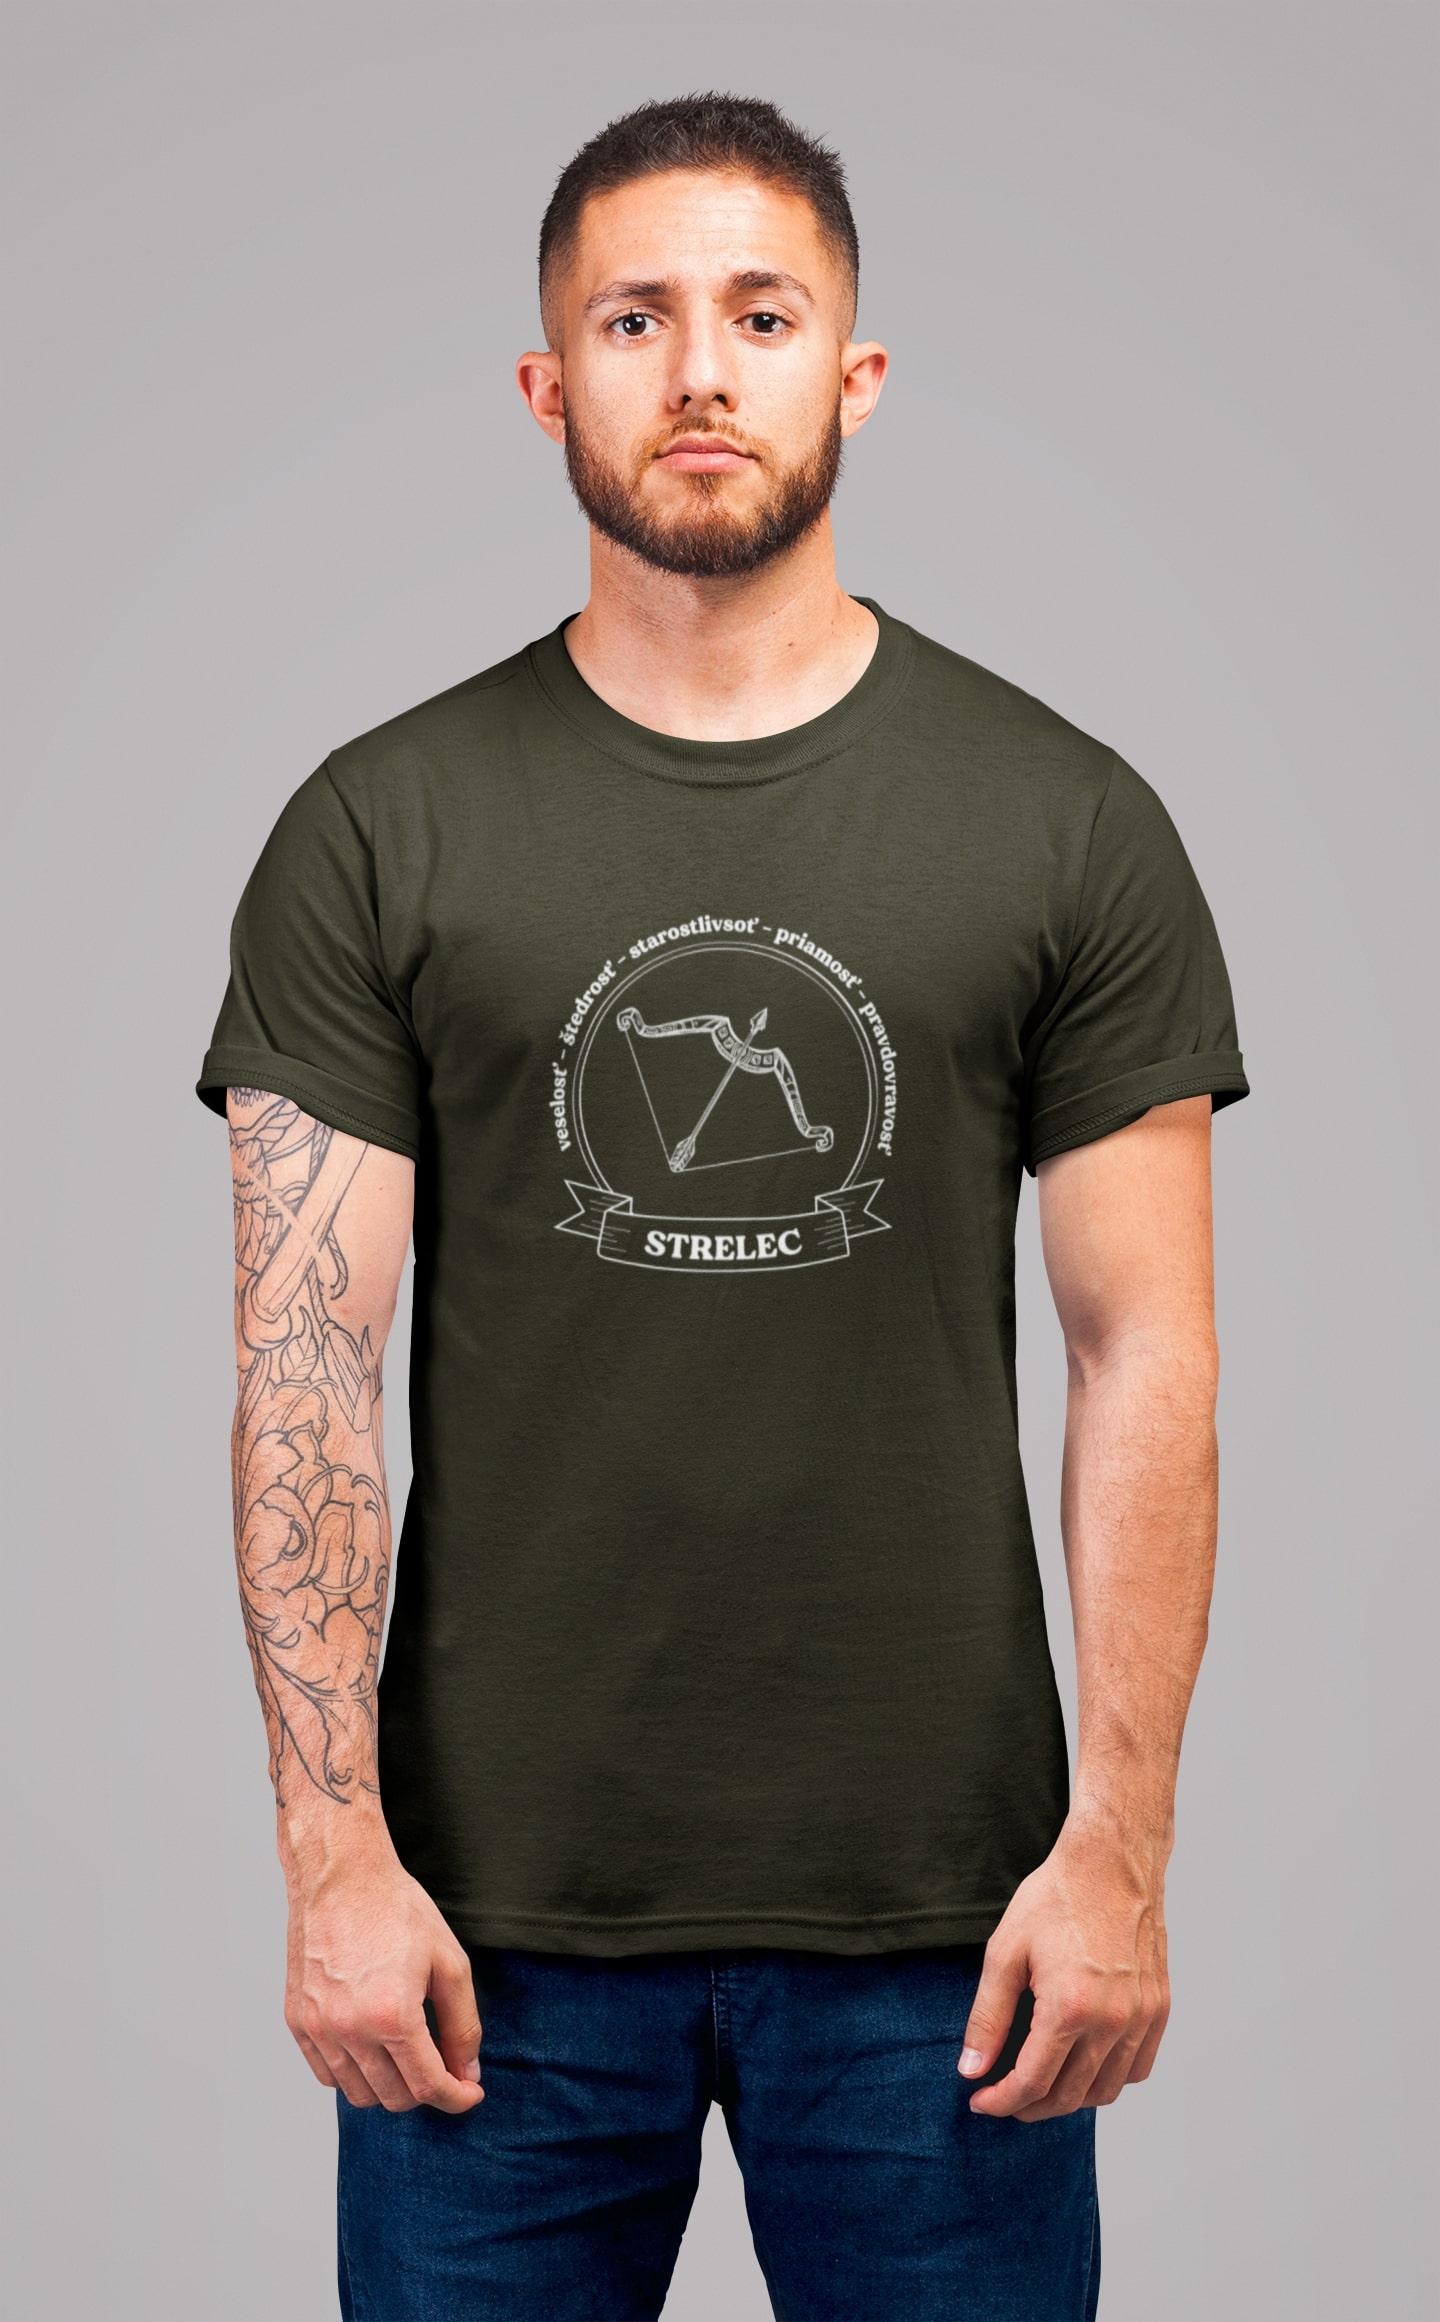 MMO Pánske tričko Strelec Vyberte farbu: Military, Vyberte veľkosť: XS